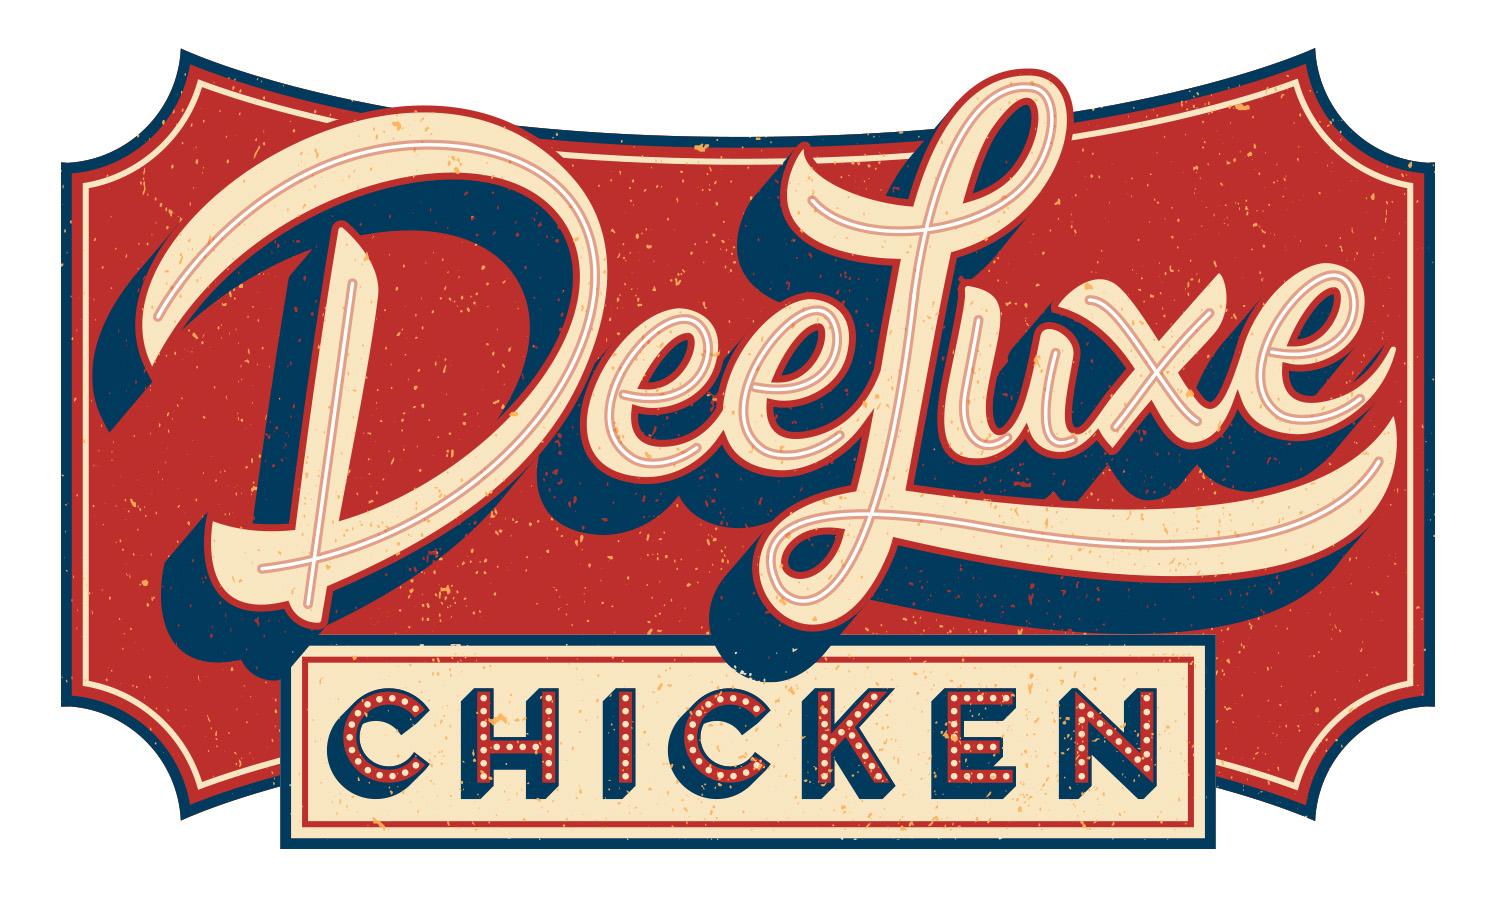 DeeLuxe Chicken